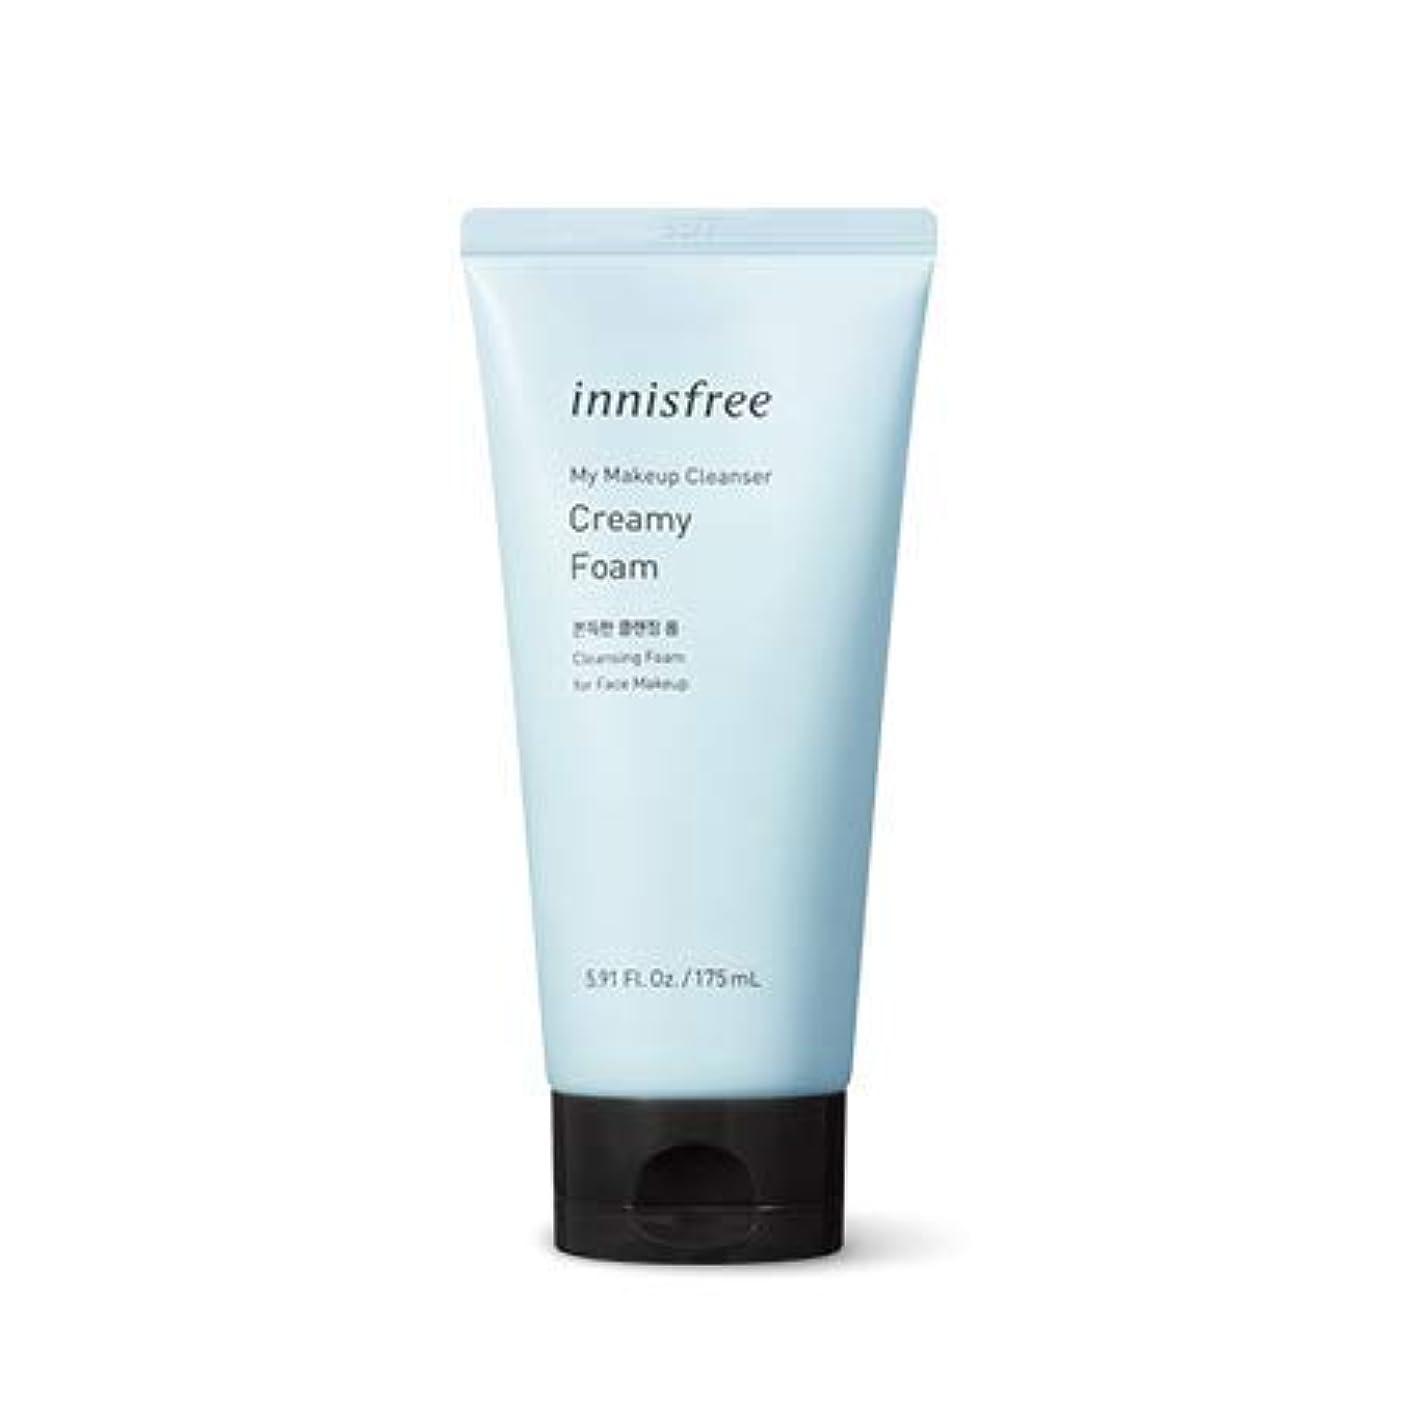 アクセスできない音楽を聴く粘着性[イニスフリー.innisfree]マイメイククレンザー - クリーミーフォーム175mL+ free(laneige。water sleeping mask15ml)/ My Makeup Cleanser - Creamy...